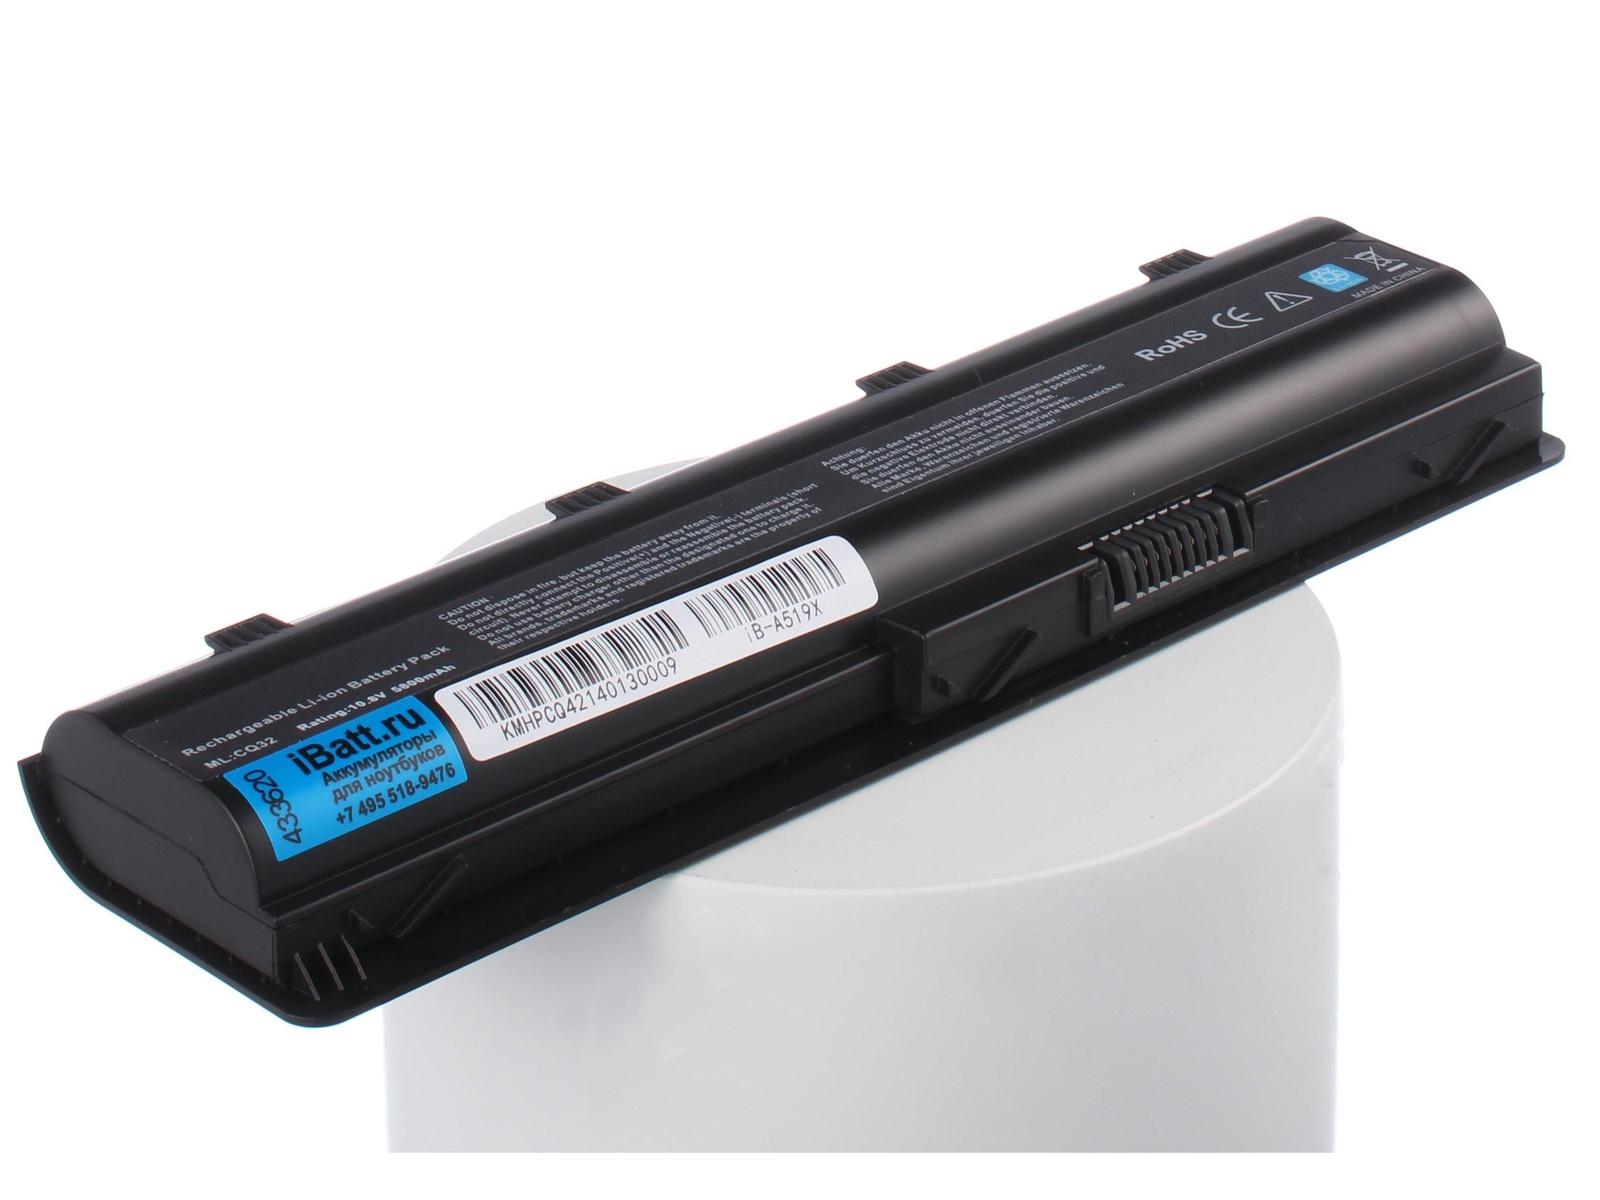 Аккумулятор для ноутбука iBatt для HP-Compaq Presario CQ56-200ER, Presario CQ56-201ER, Presario CQ58-126SR, Presario CQ58-153SR, 2000-2d53SR, CQ58-325SR, CQ58-d52SR, Envy 17-1100, ENVY 17-2101er, G62-a15ER, G62-b16ER, G62-b20 недорого